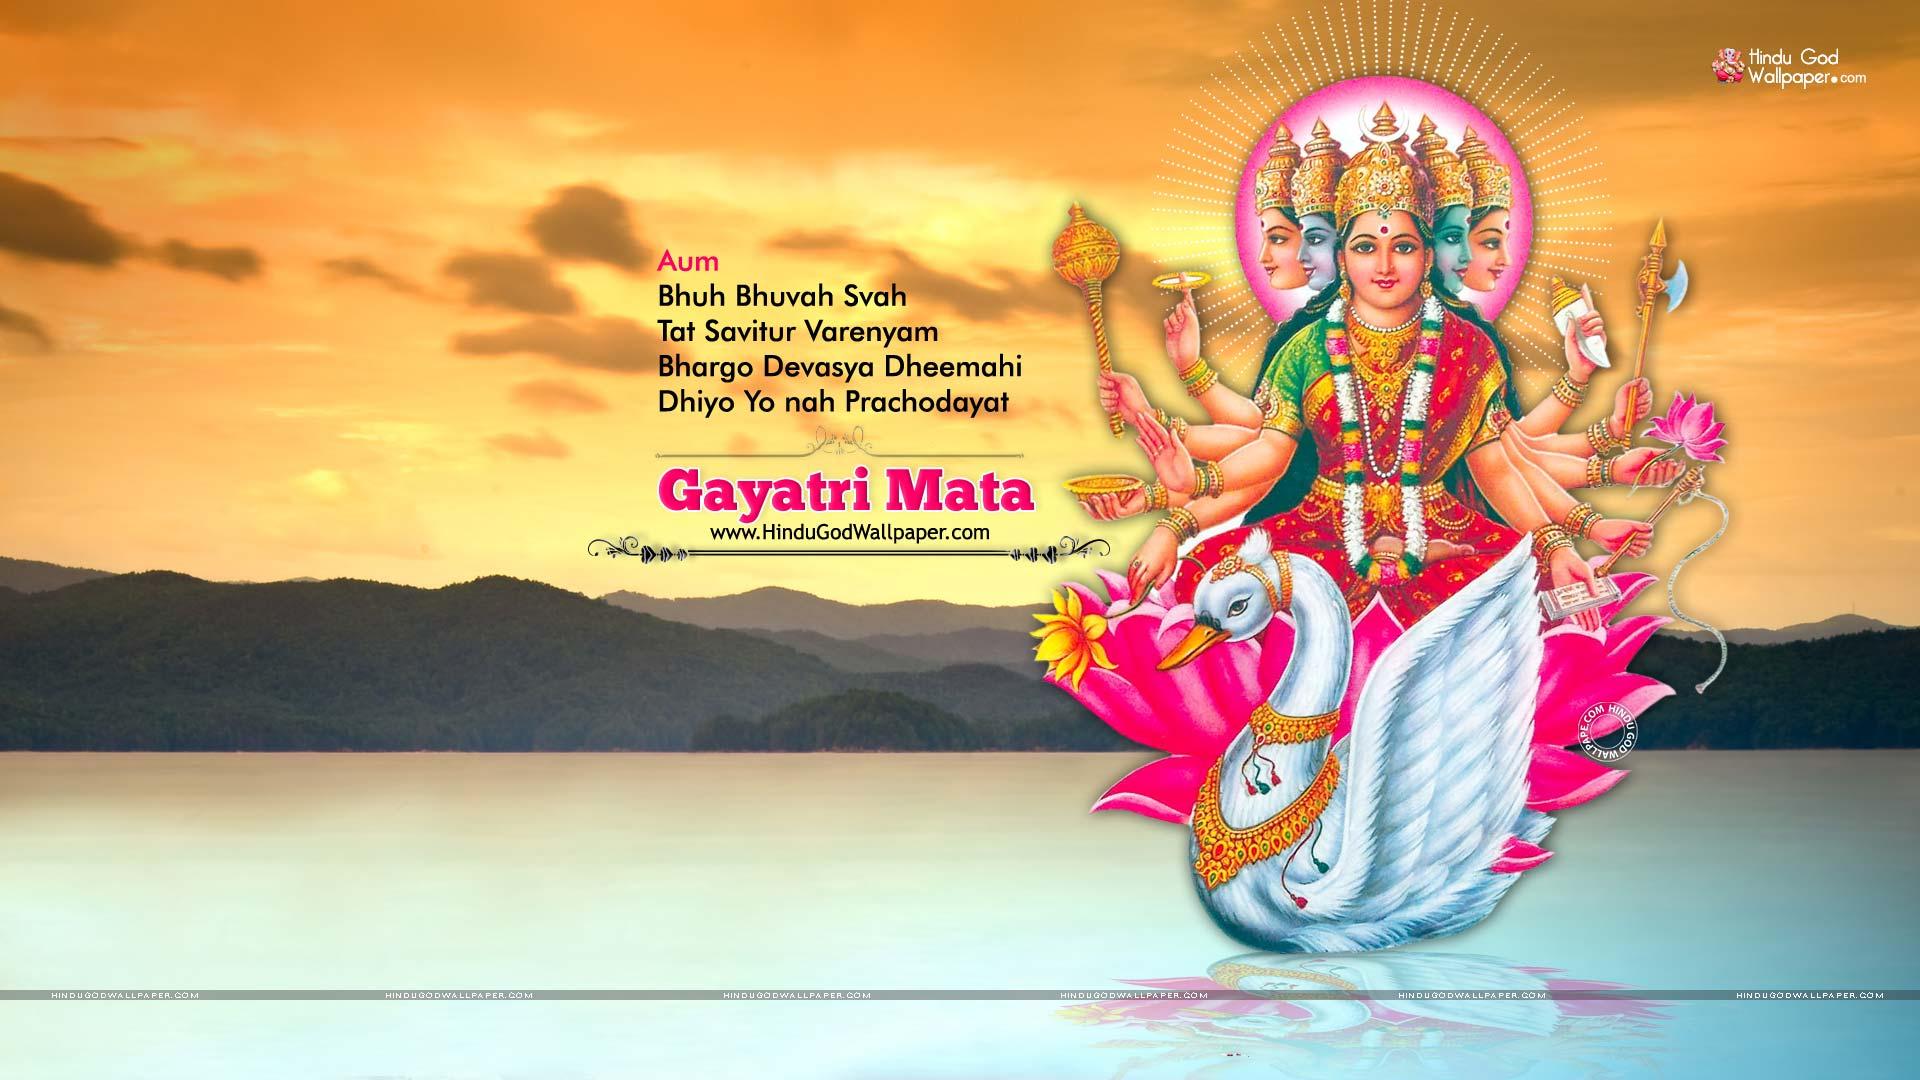 1080p Gayatri Mata Hd Wallpaper Full Size Free Download